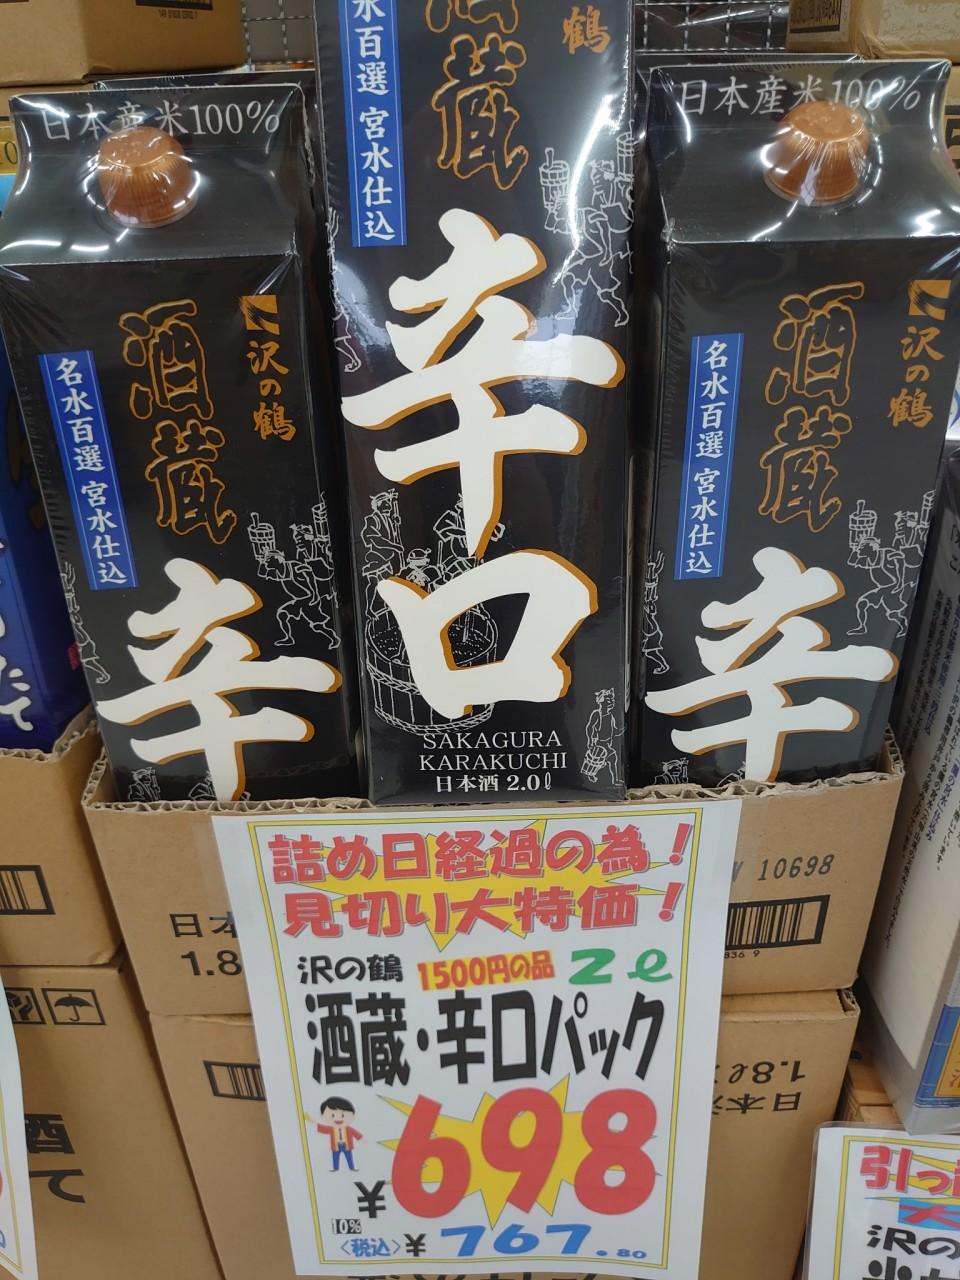 沢の鶴 酒蔵辛口パック